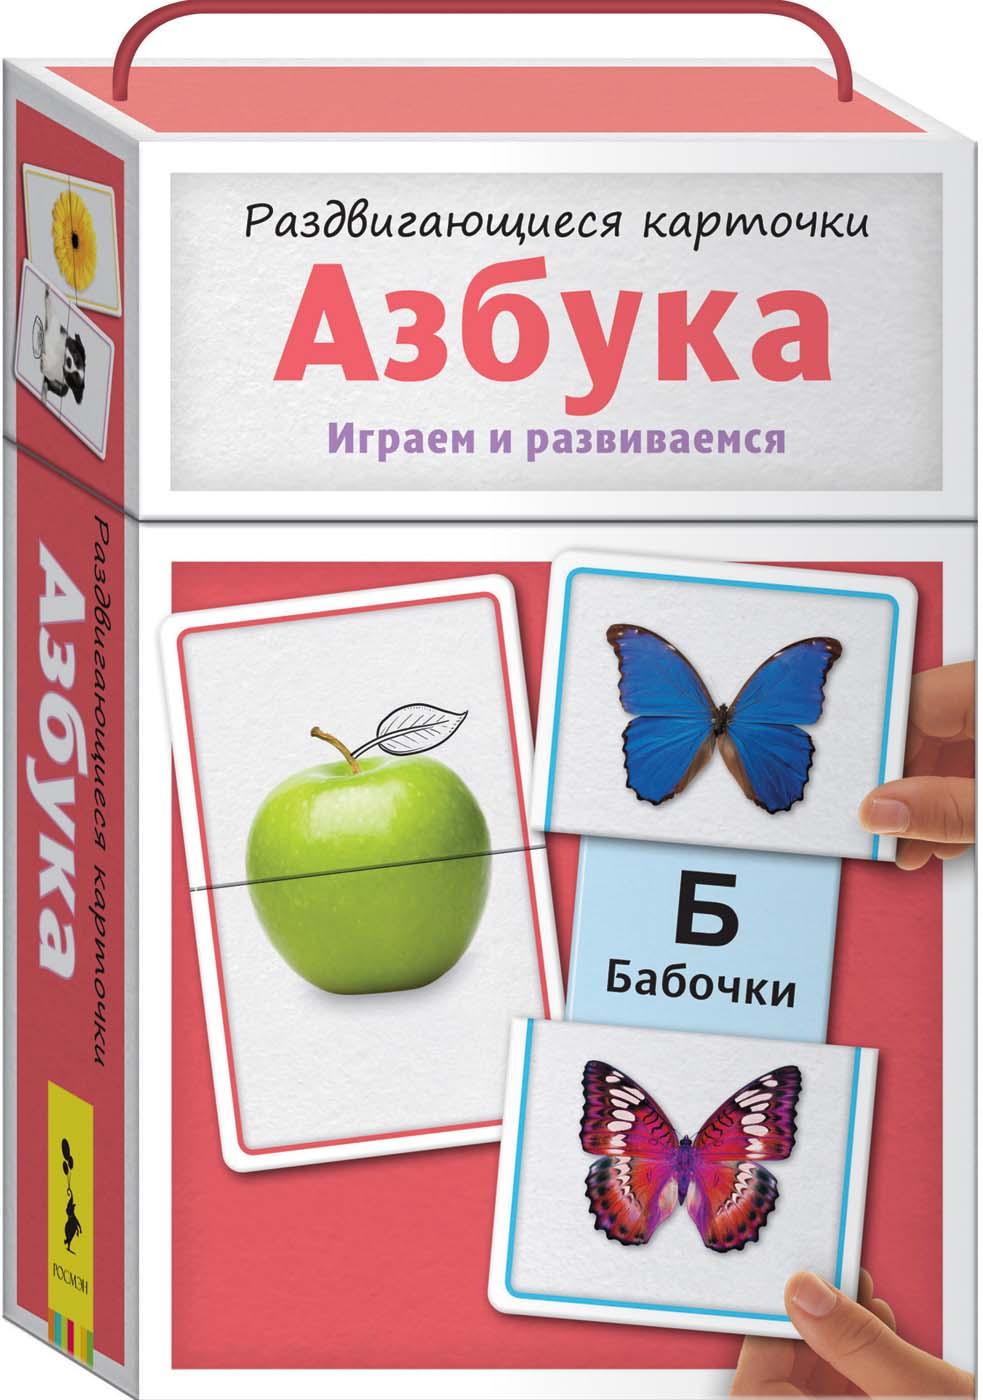 Раздвигающиеся карточки - АзбукаУчим буквы и цифры<br>Раздвигающиеся карточки - Азбука<br>